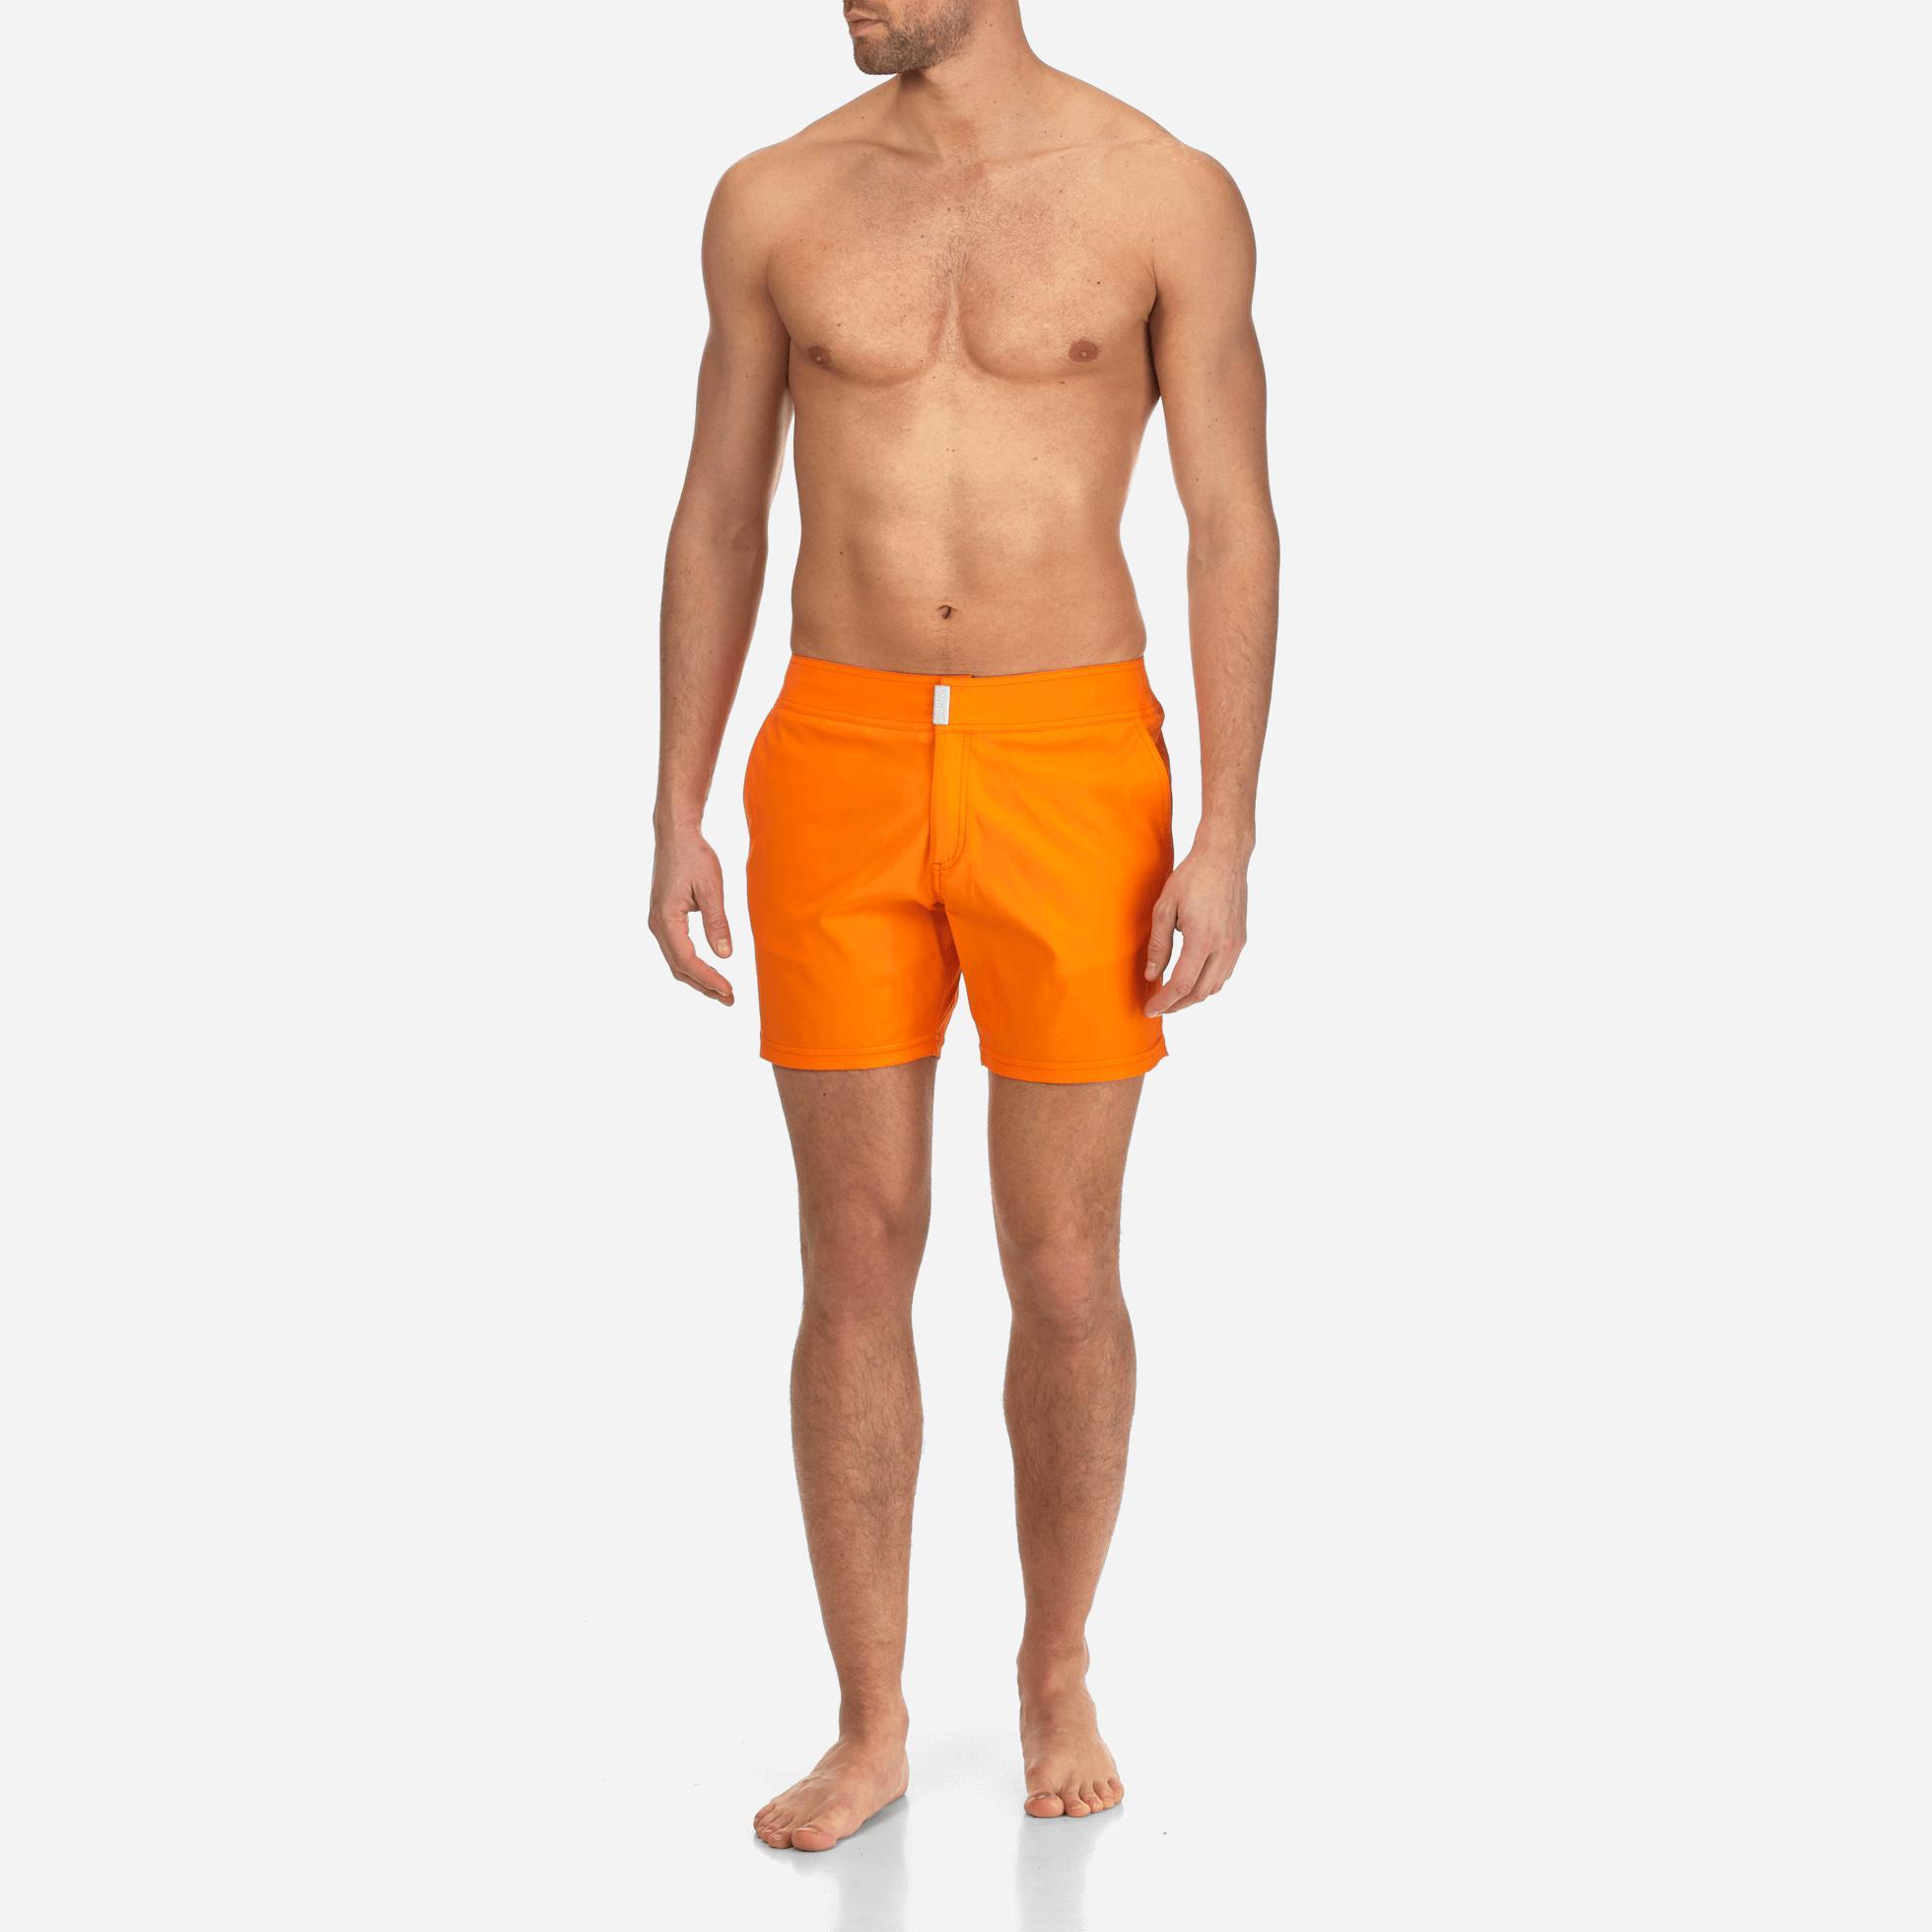 0465c87e9c ... Flat Belt Stretch Swimtrunks Solid for Men - Lyst · Visit Vilebrequin.  Tap to visit site